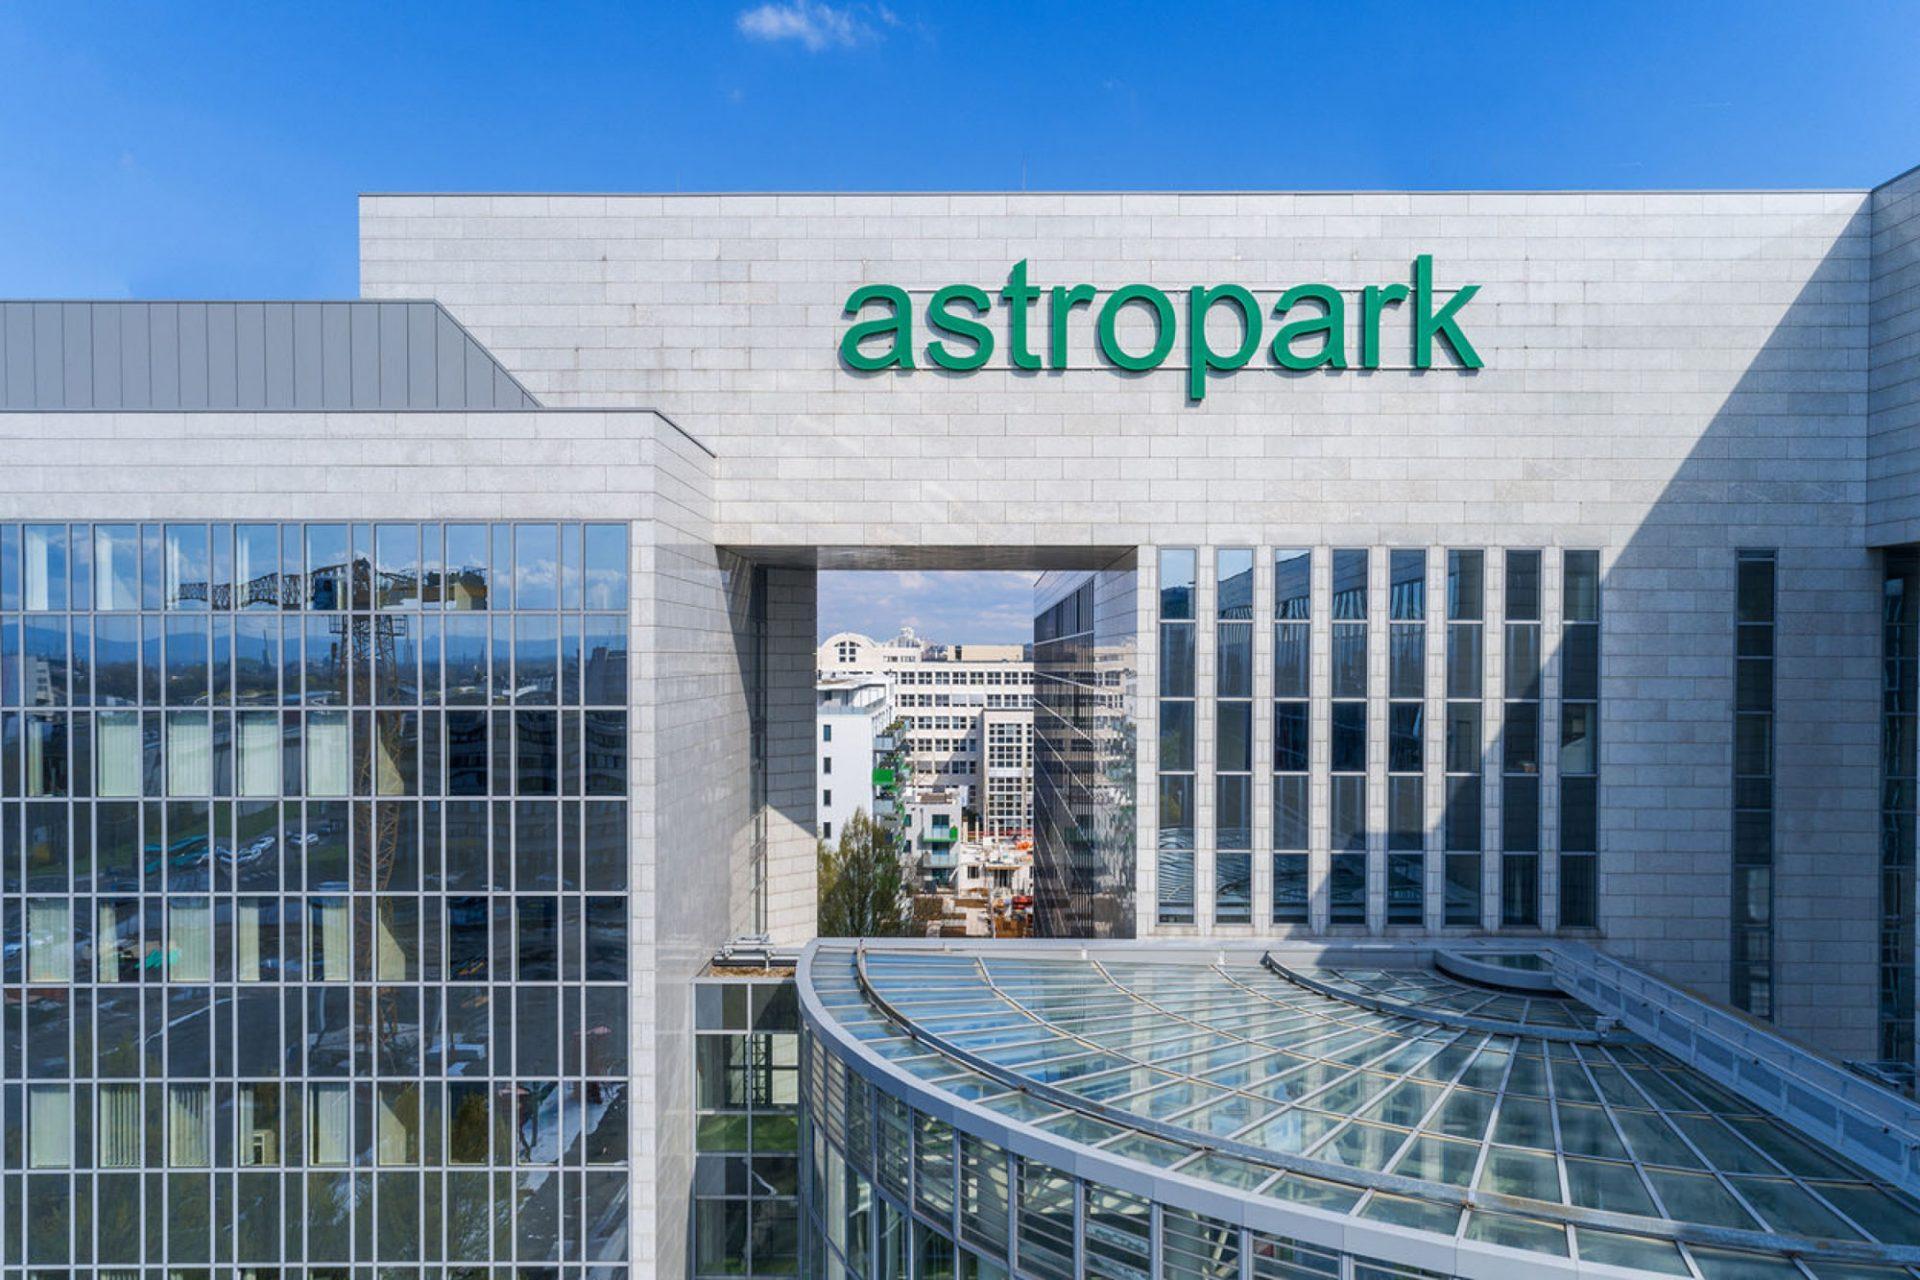 Drohnenpilot für Fotos von Firmengebäude ©Offenblende / Christian CHSO